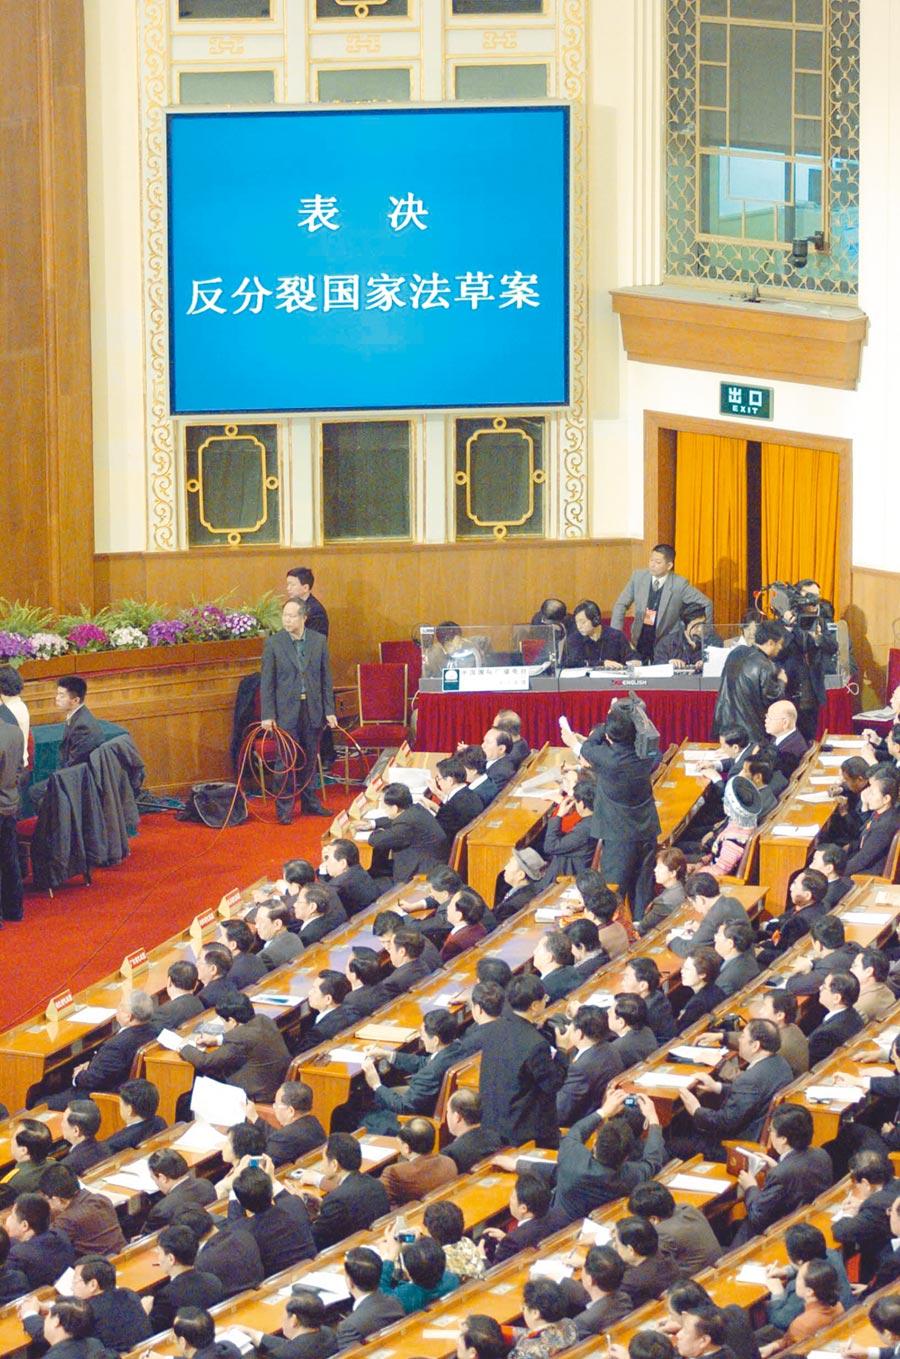 2005年3月14日,大陸全國人大高票通過《反分裂國家法》。(中新社)